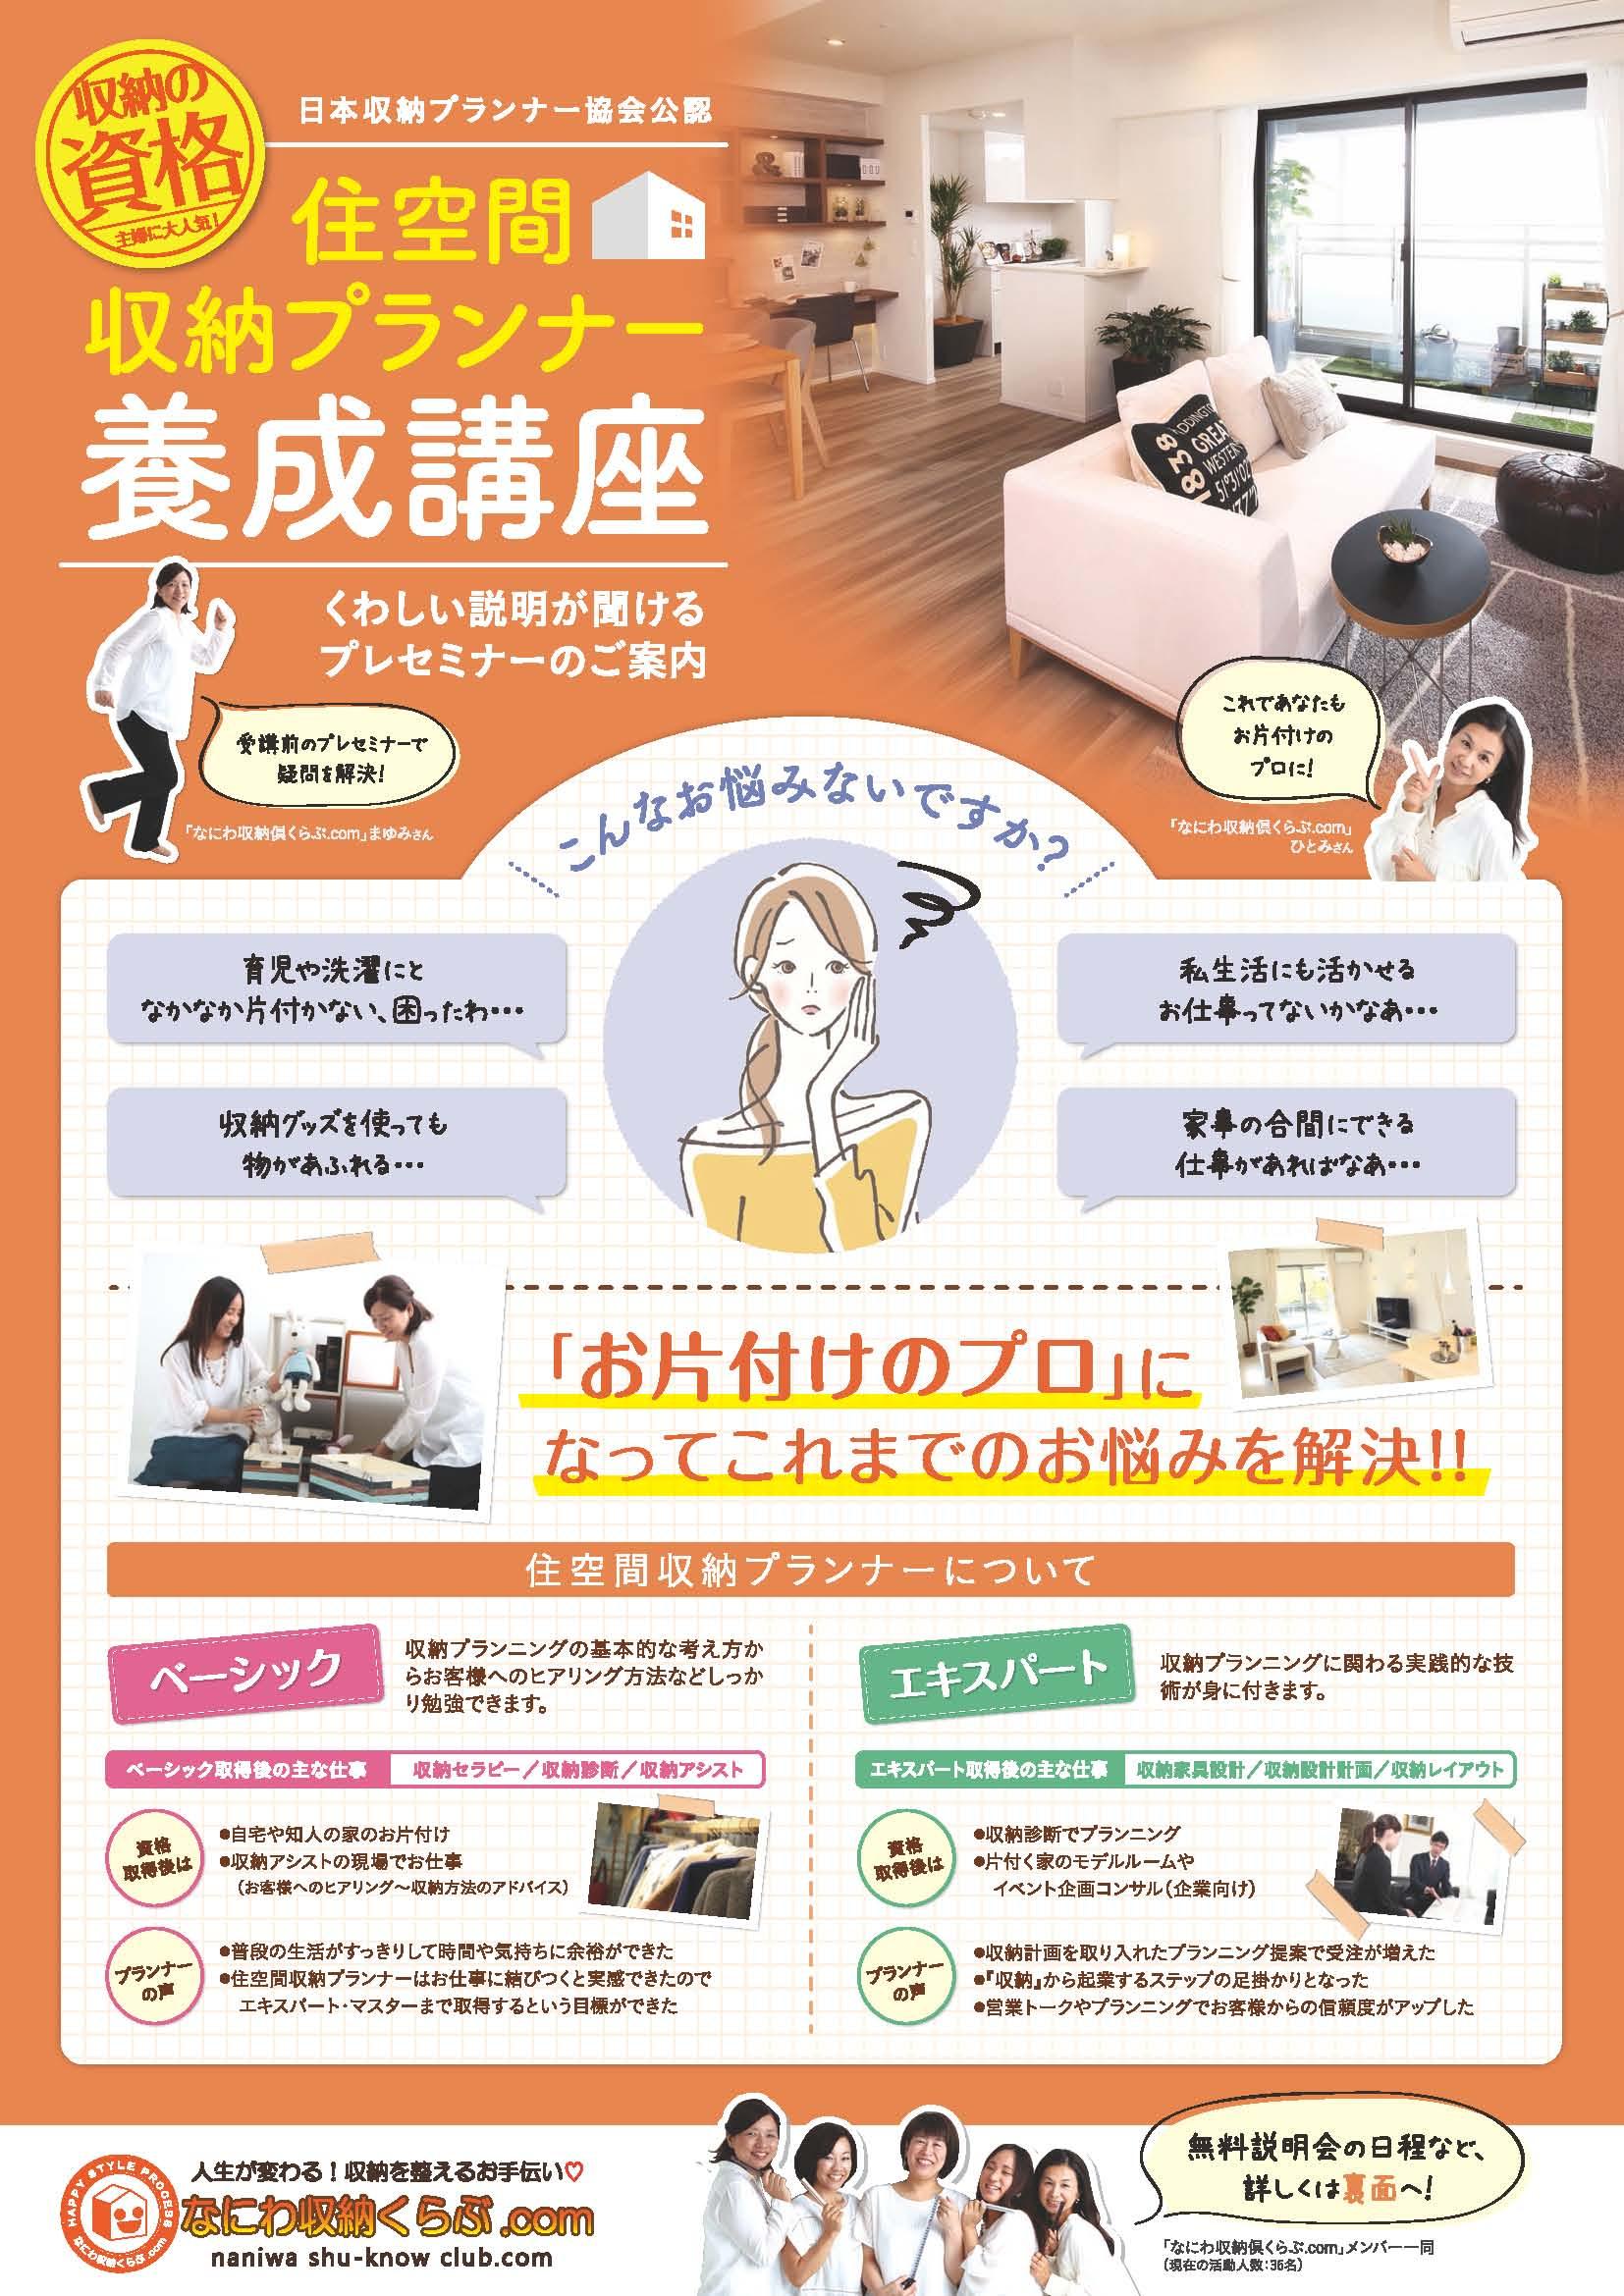 4月【無料】プレセミナー&説明会開催!